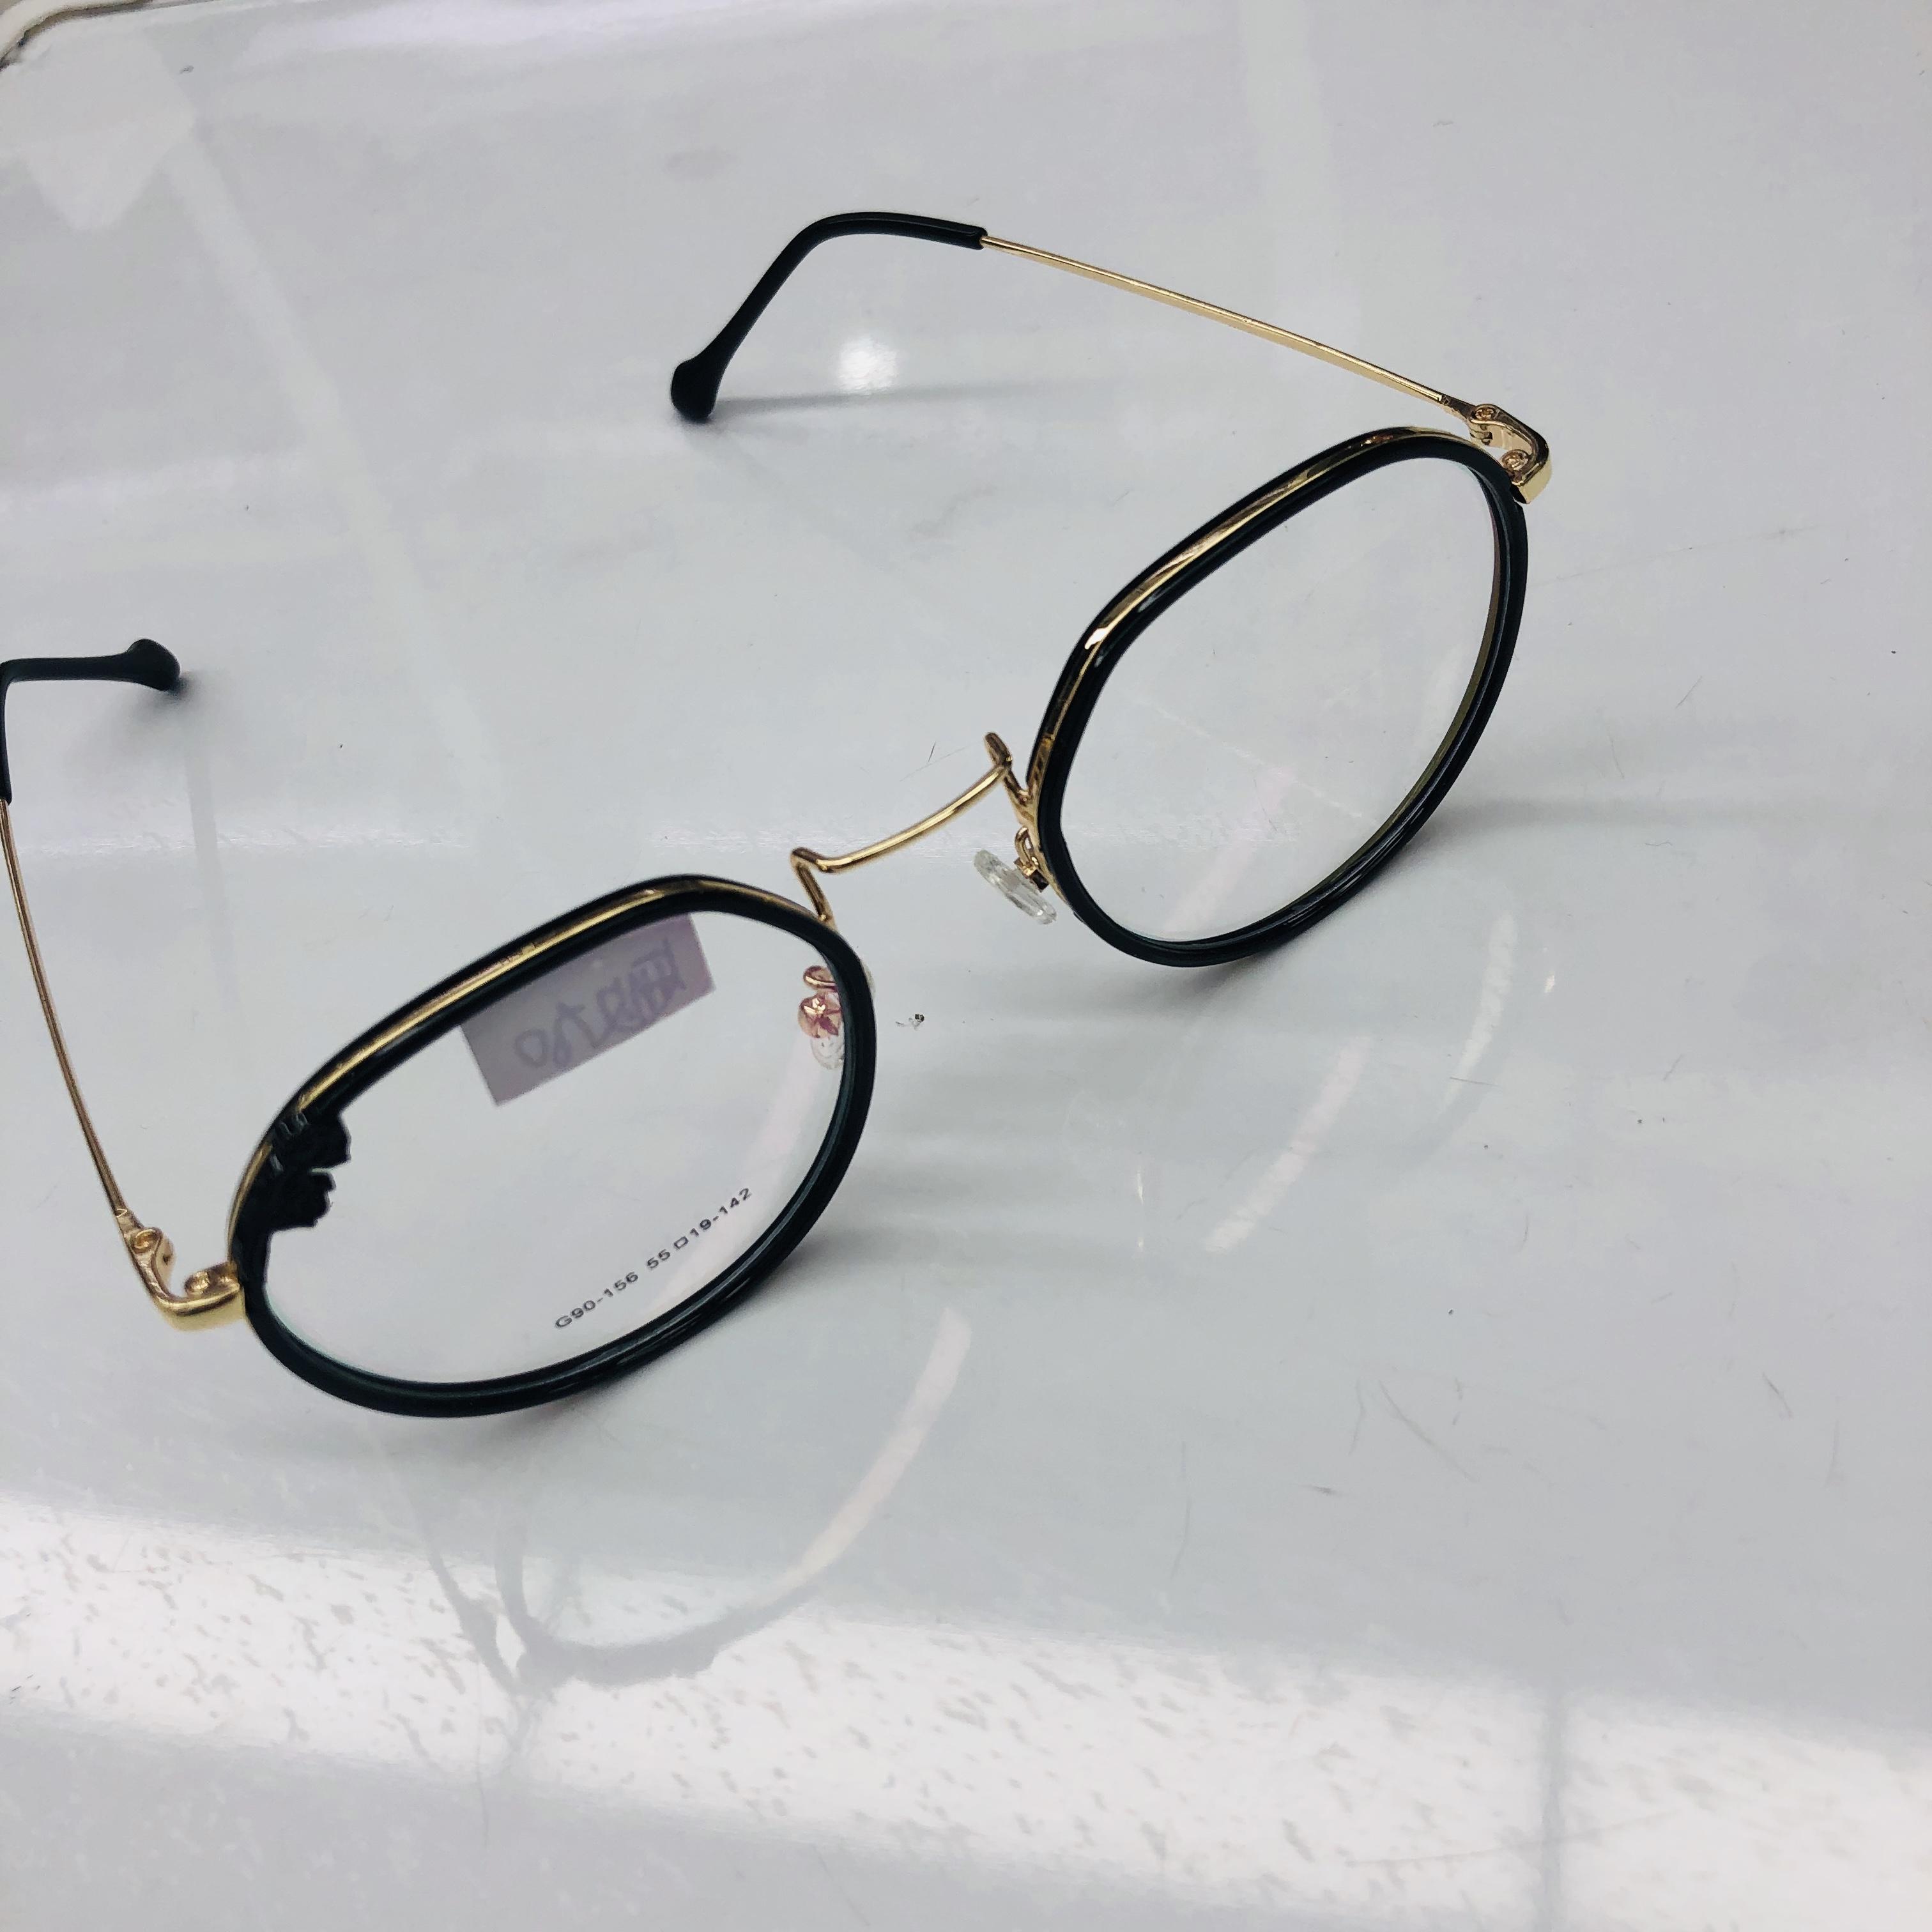 透明近视眼镜框架女可配有度数素颜网红款街拍平光眼睛韩版潮男